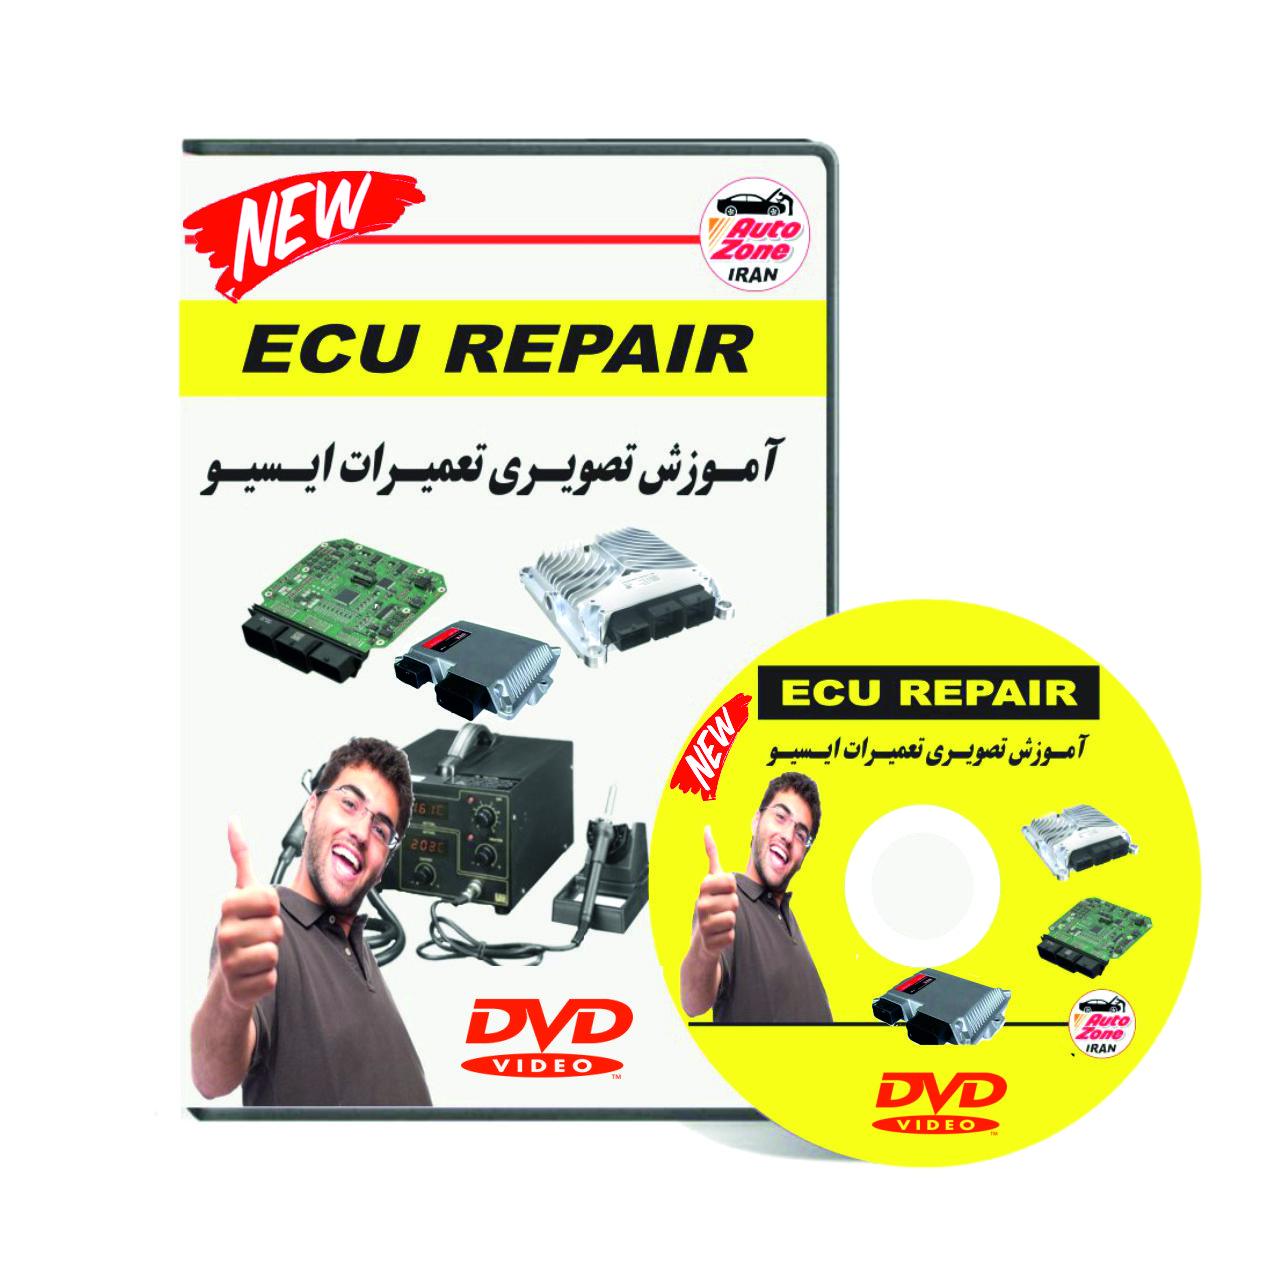 آموزش تصویری تعمیرات ایسیو خودرو ای ام نشر کیمیا